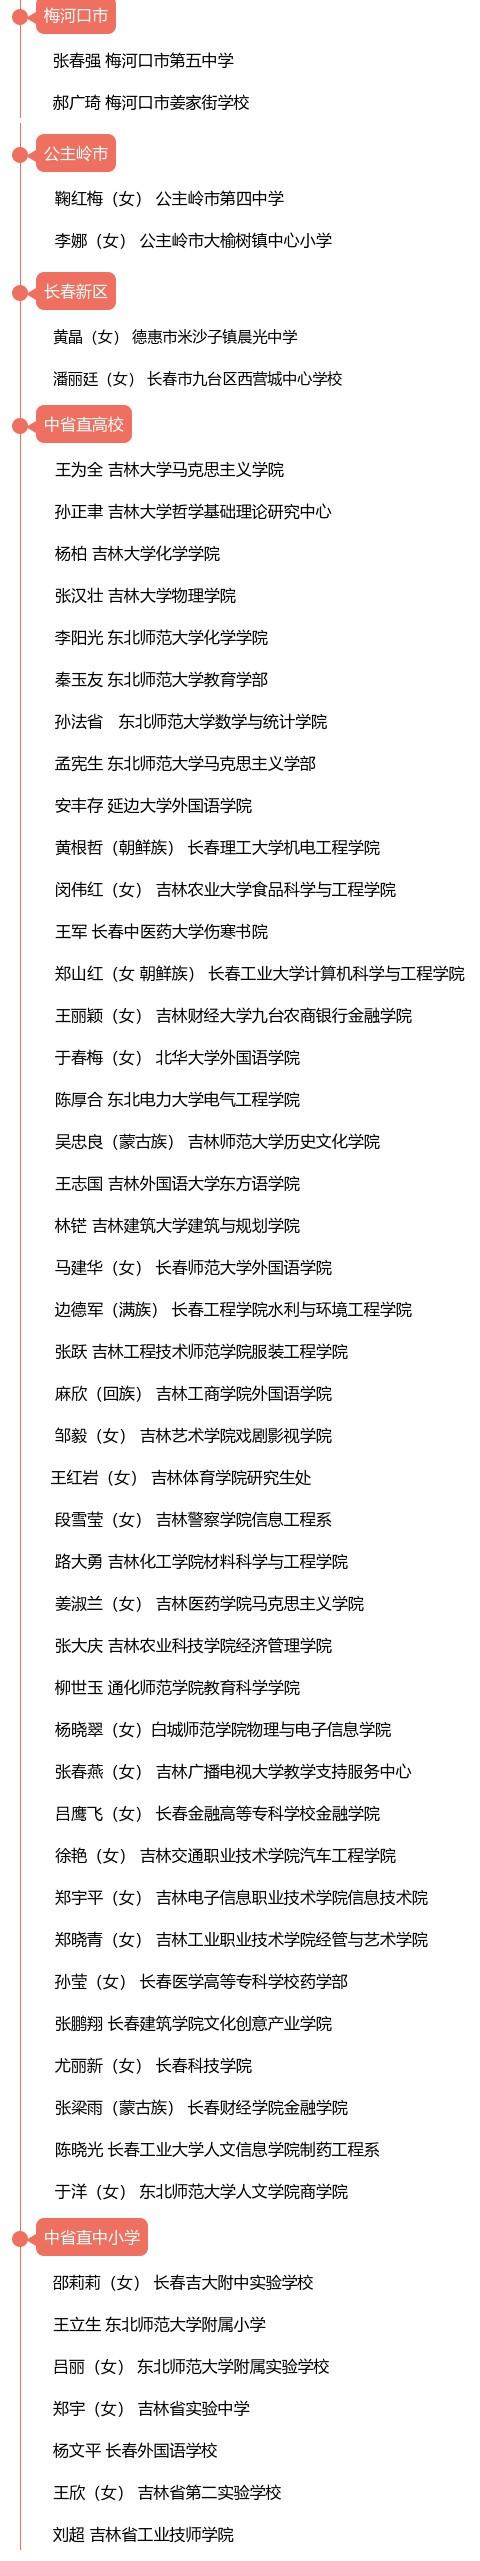 吉林省教育系统先进集体名单公布!共100个